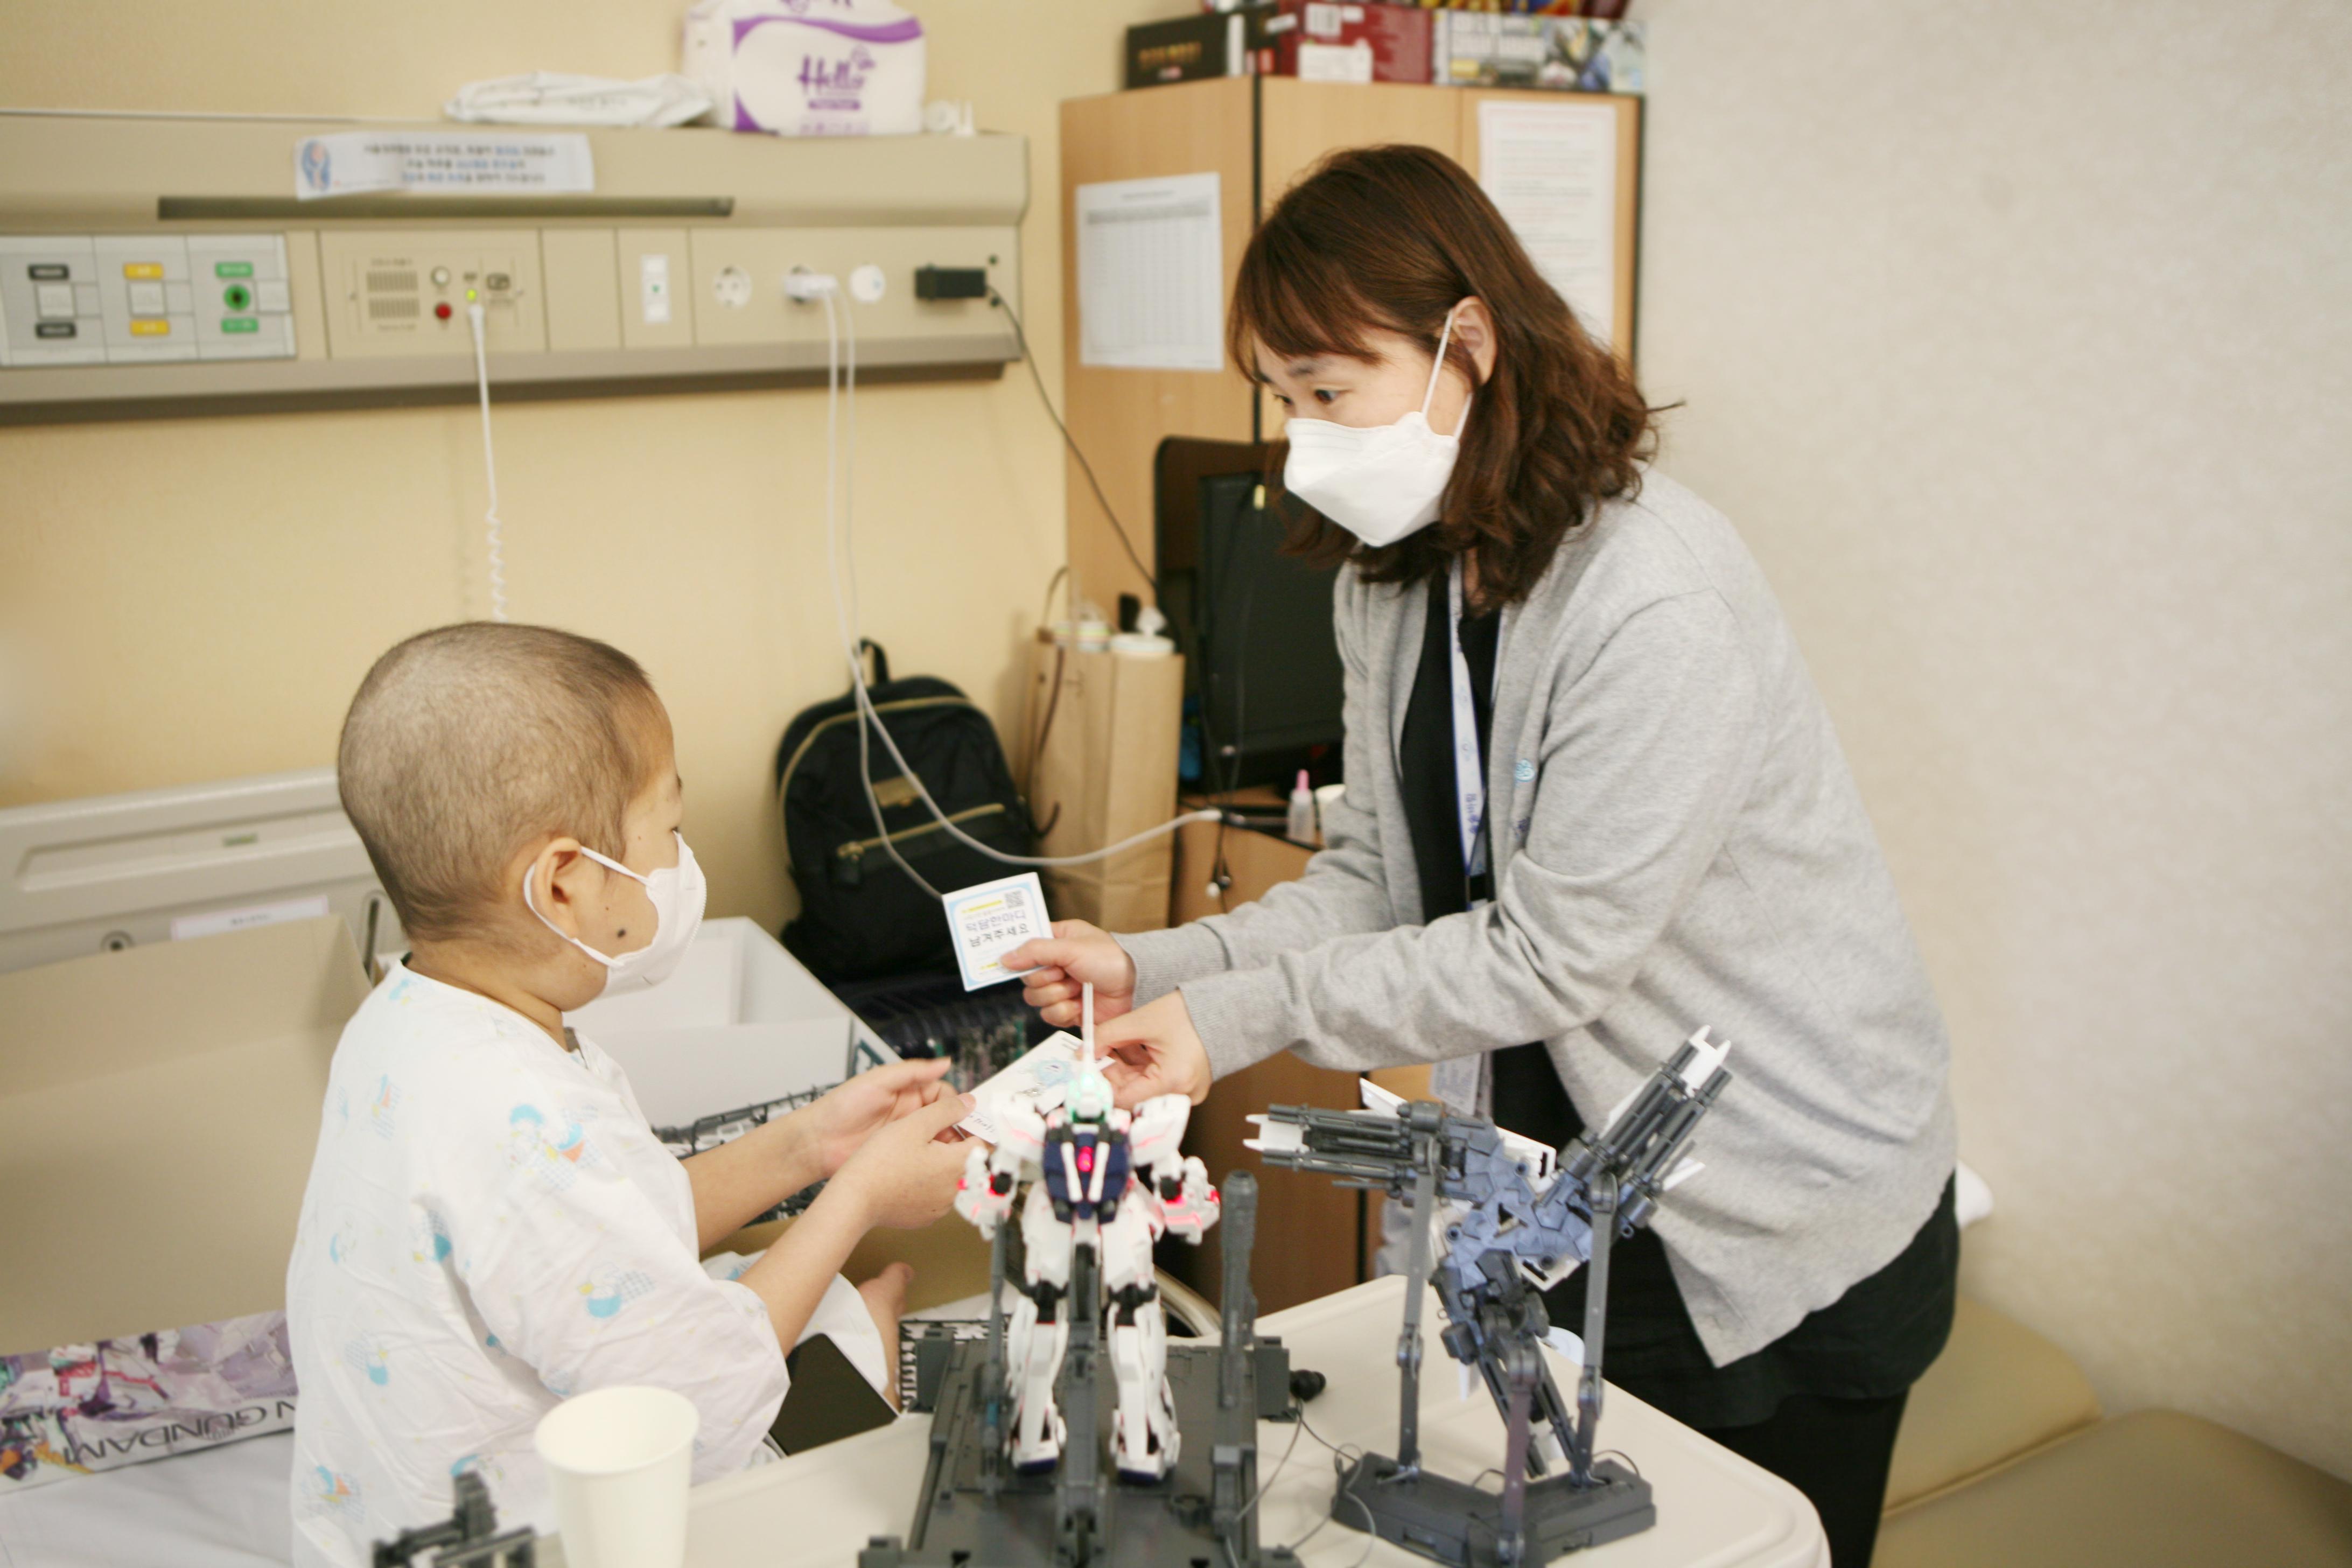 솔솔바람팀이 이벤트에 참여한 소아청소년완화의료환아에게 선물을 증정하고 있다.